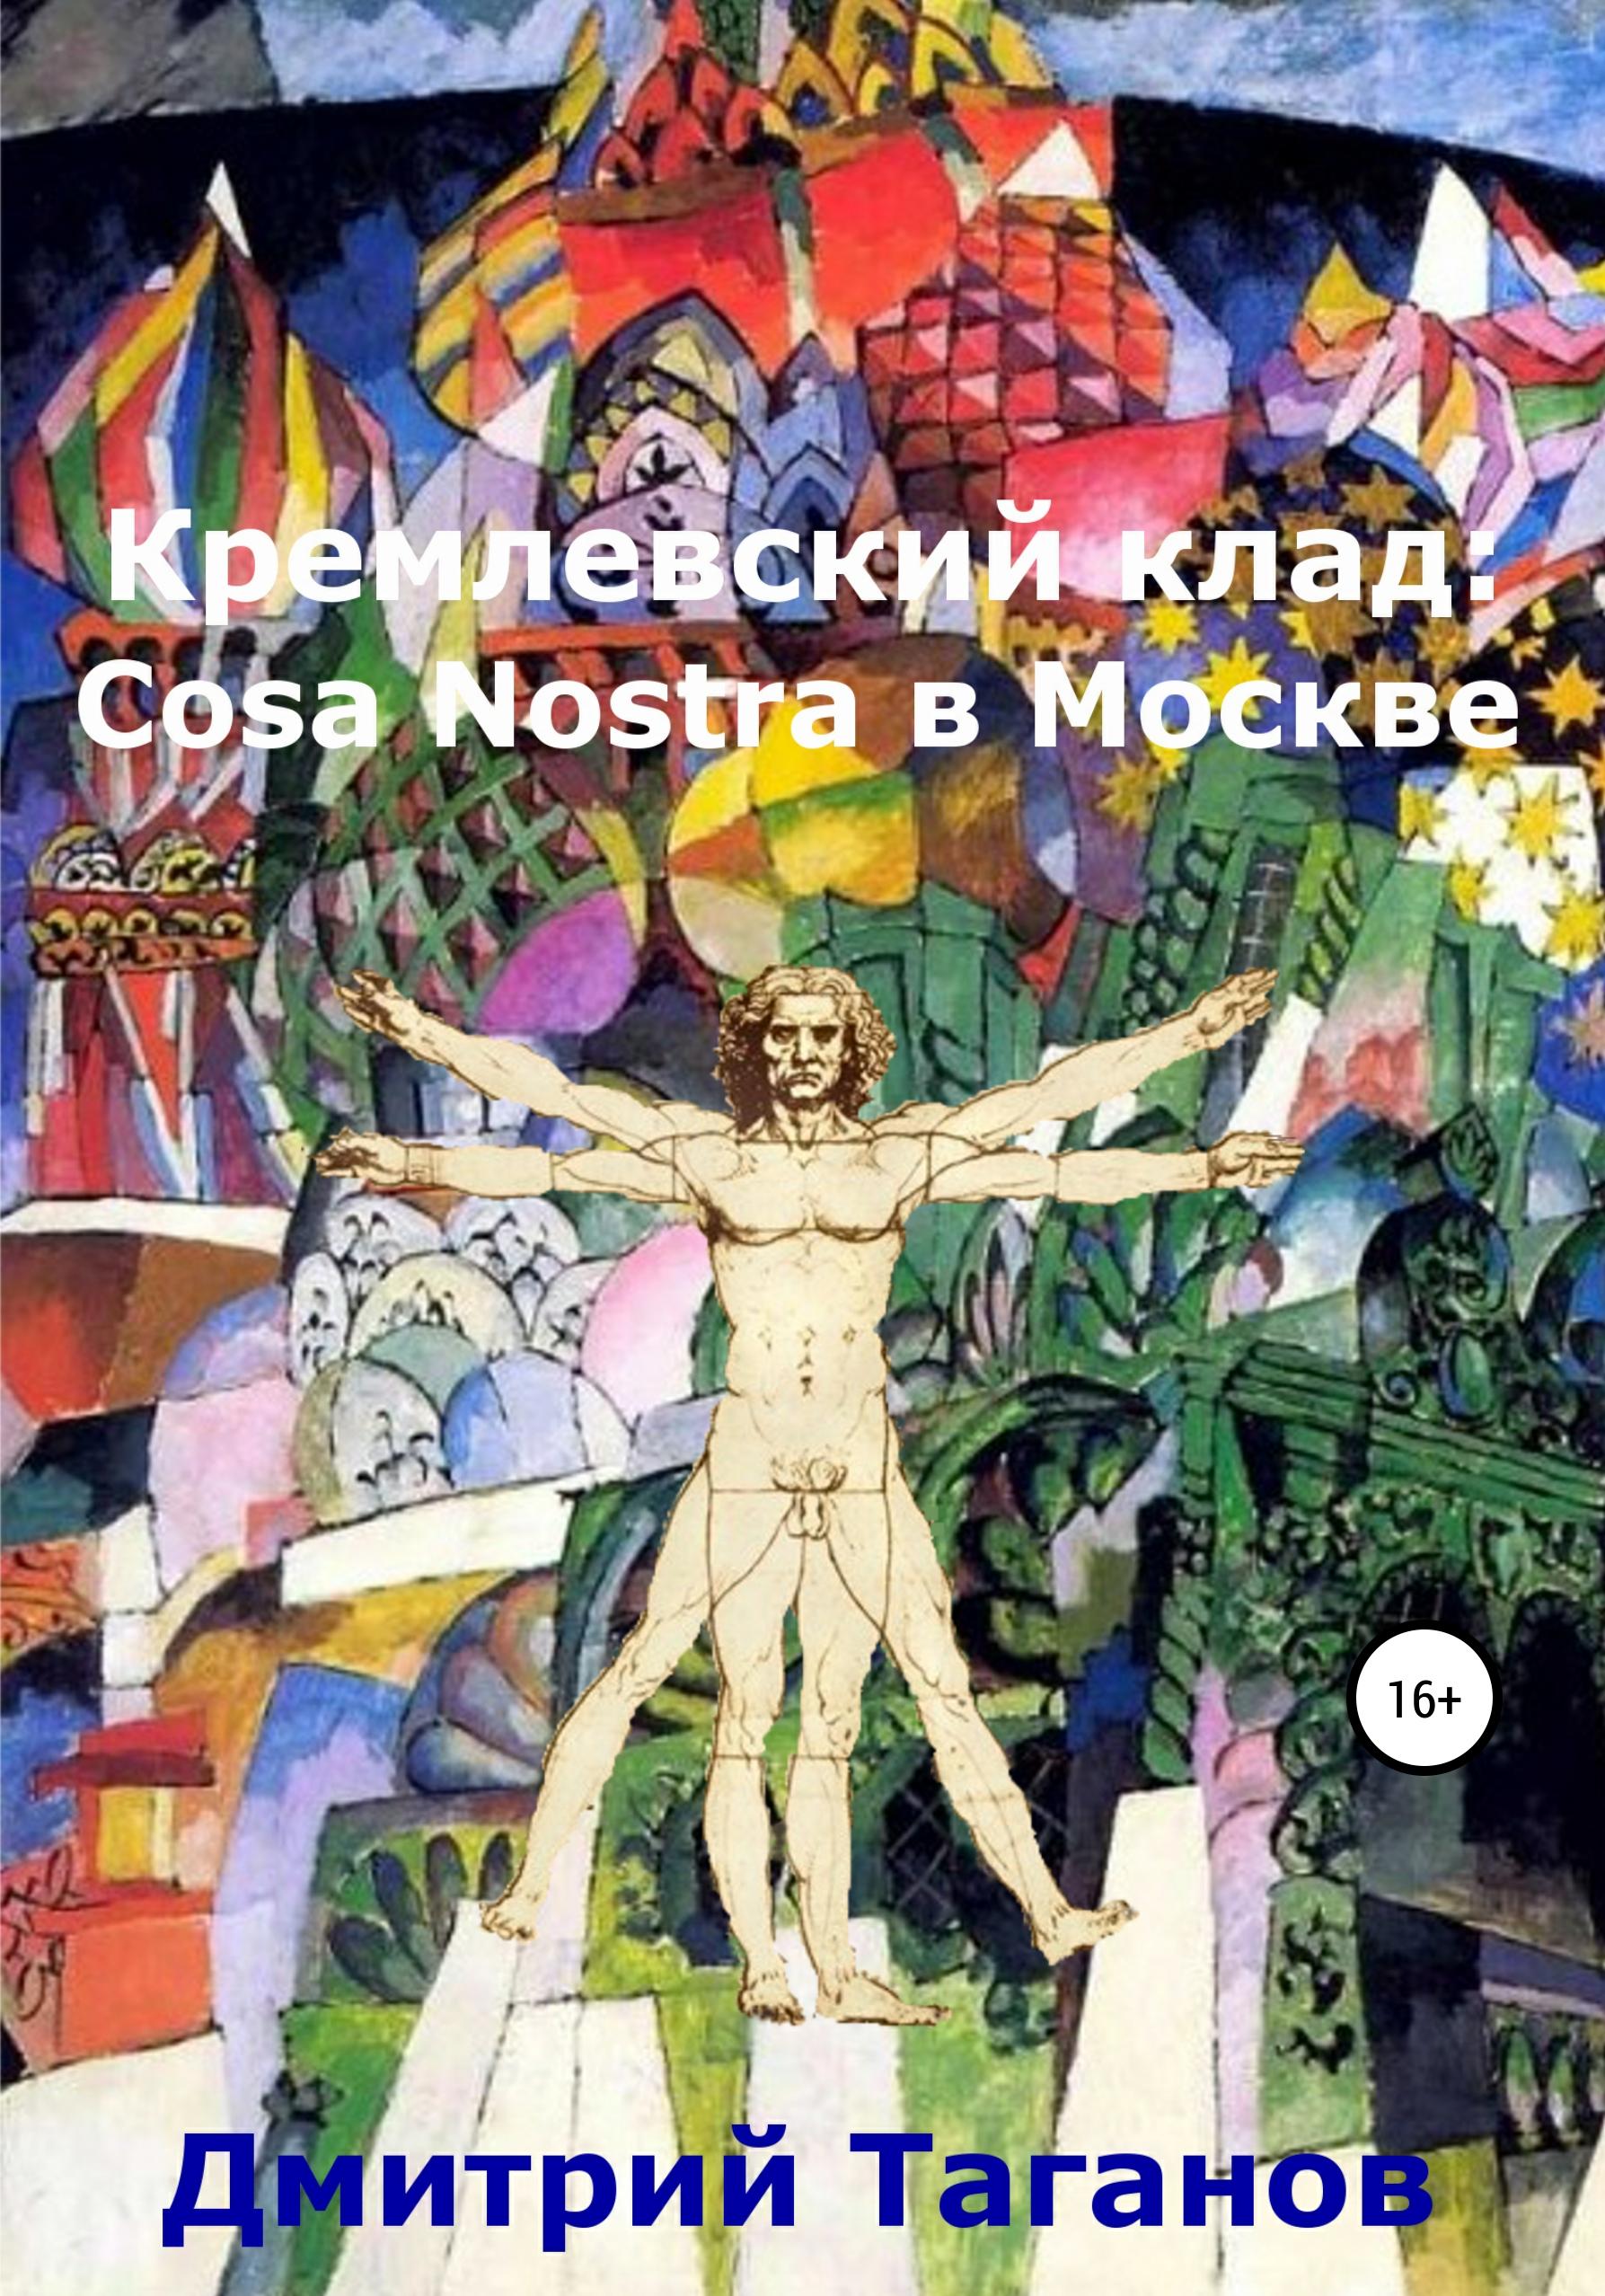 Кремлевский клад: Cosa Nostra в Москве